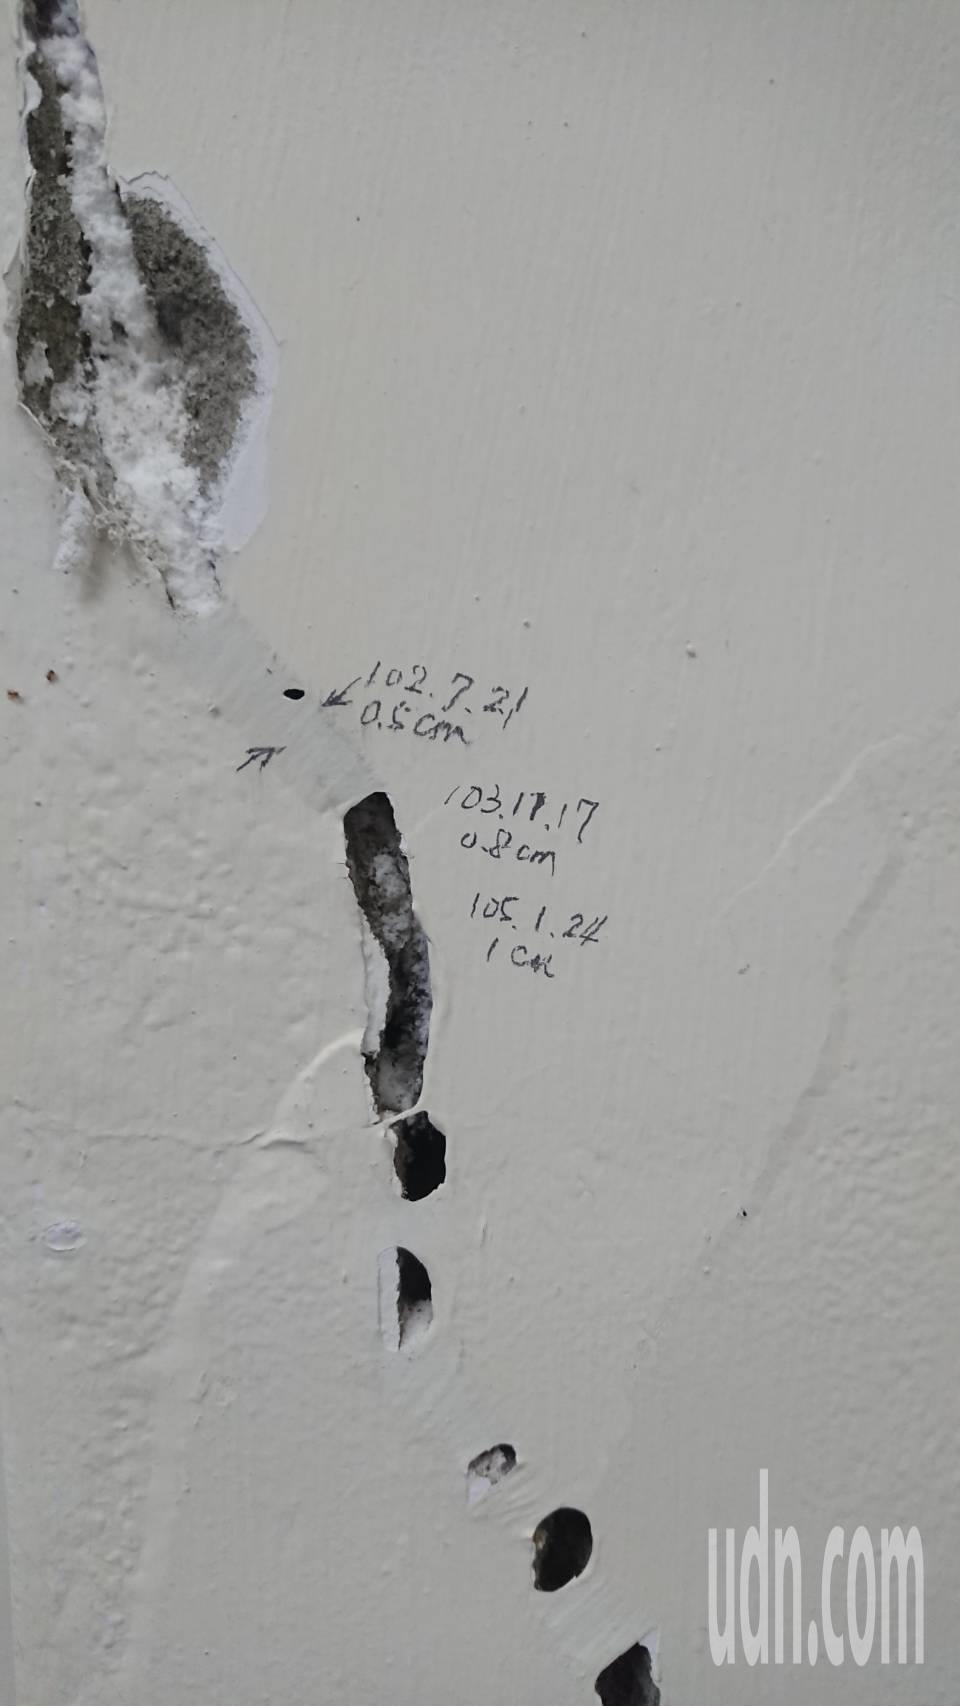 嘉義縣東石消防分隊員記錄廳舍裂痕發生時間,但因砂石漲價,苦等不到改建。記者卜敏正...